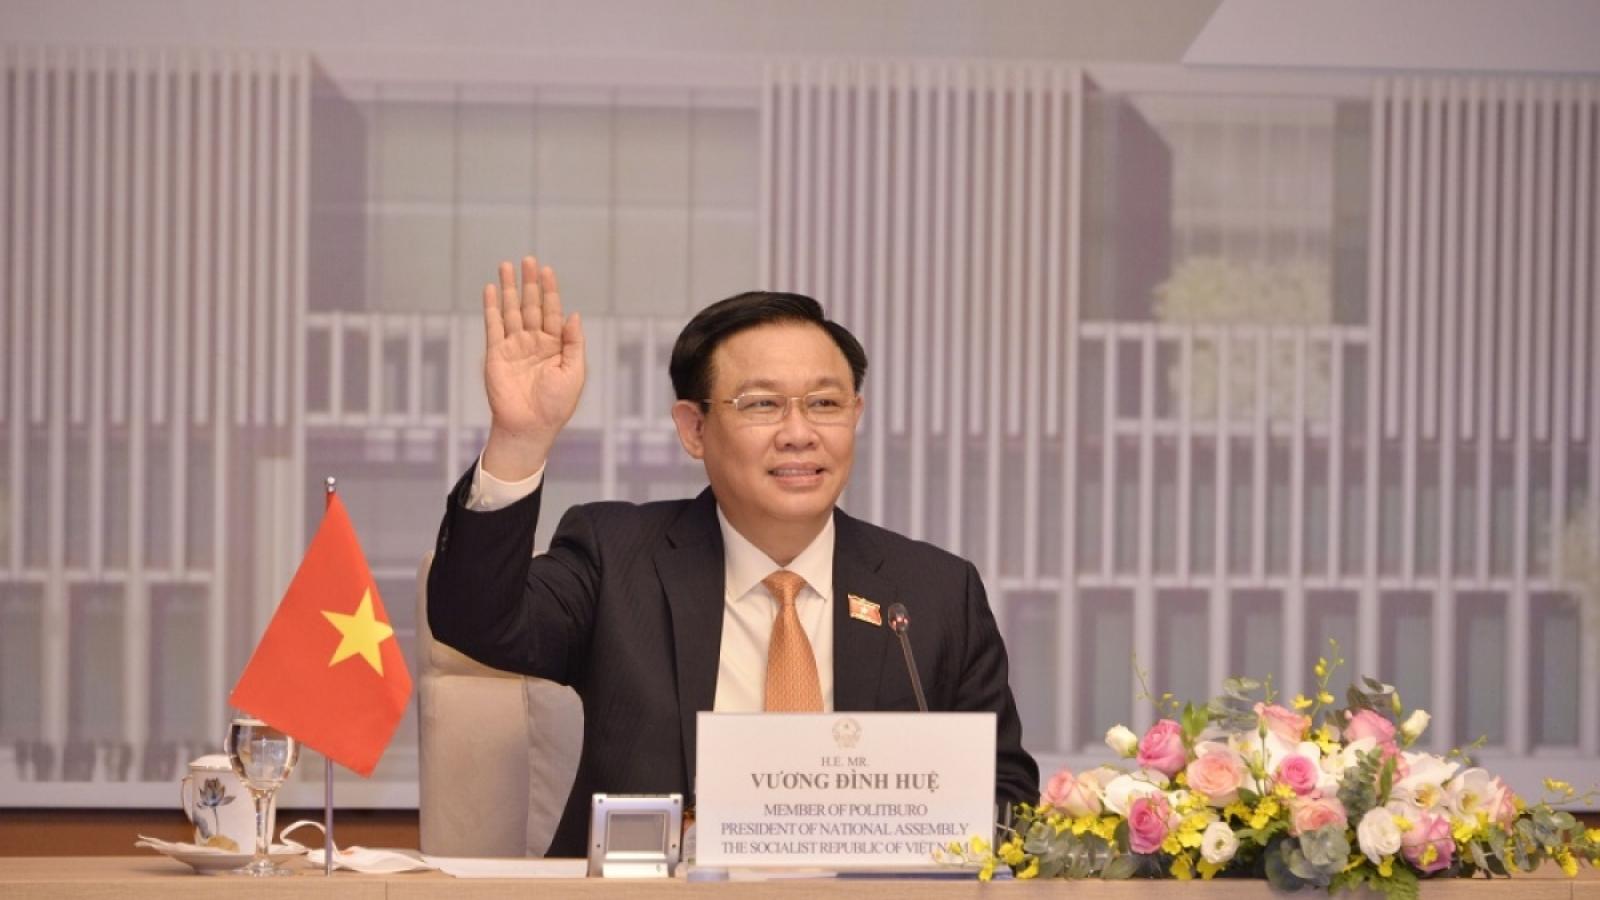 Chủ tịch Quốc hội làm việc với EC/EU thúc đẩy ngoại giao nghị viện, ngoại giao kinh tế